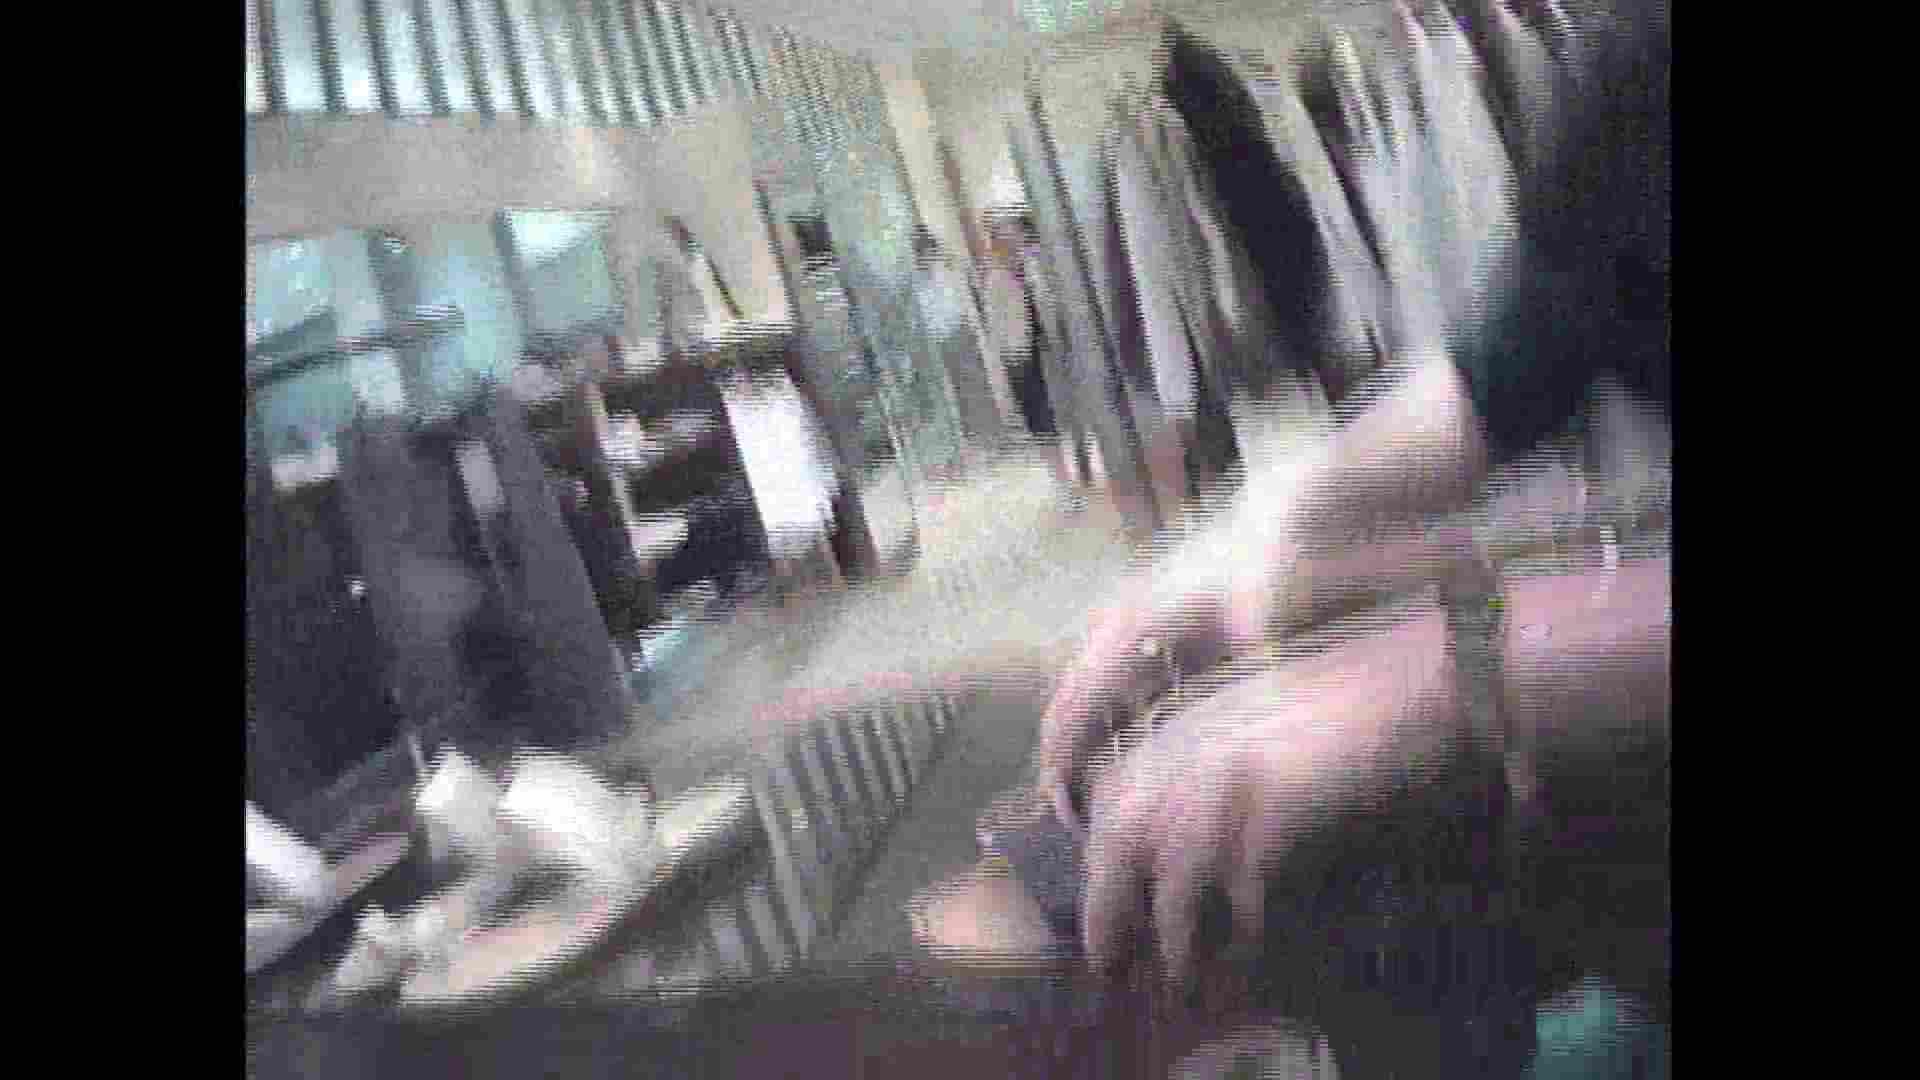 働く美女の谷間参拝 Vol.20 美女のヌード オメコ動画キャプチャ 55画像 24